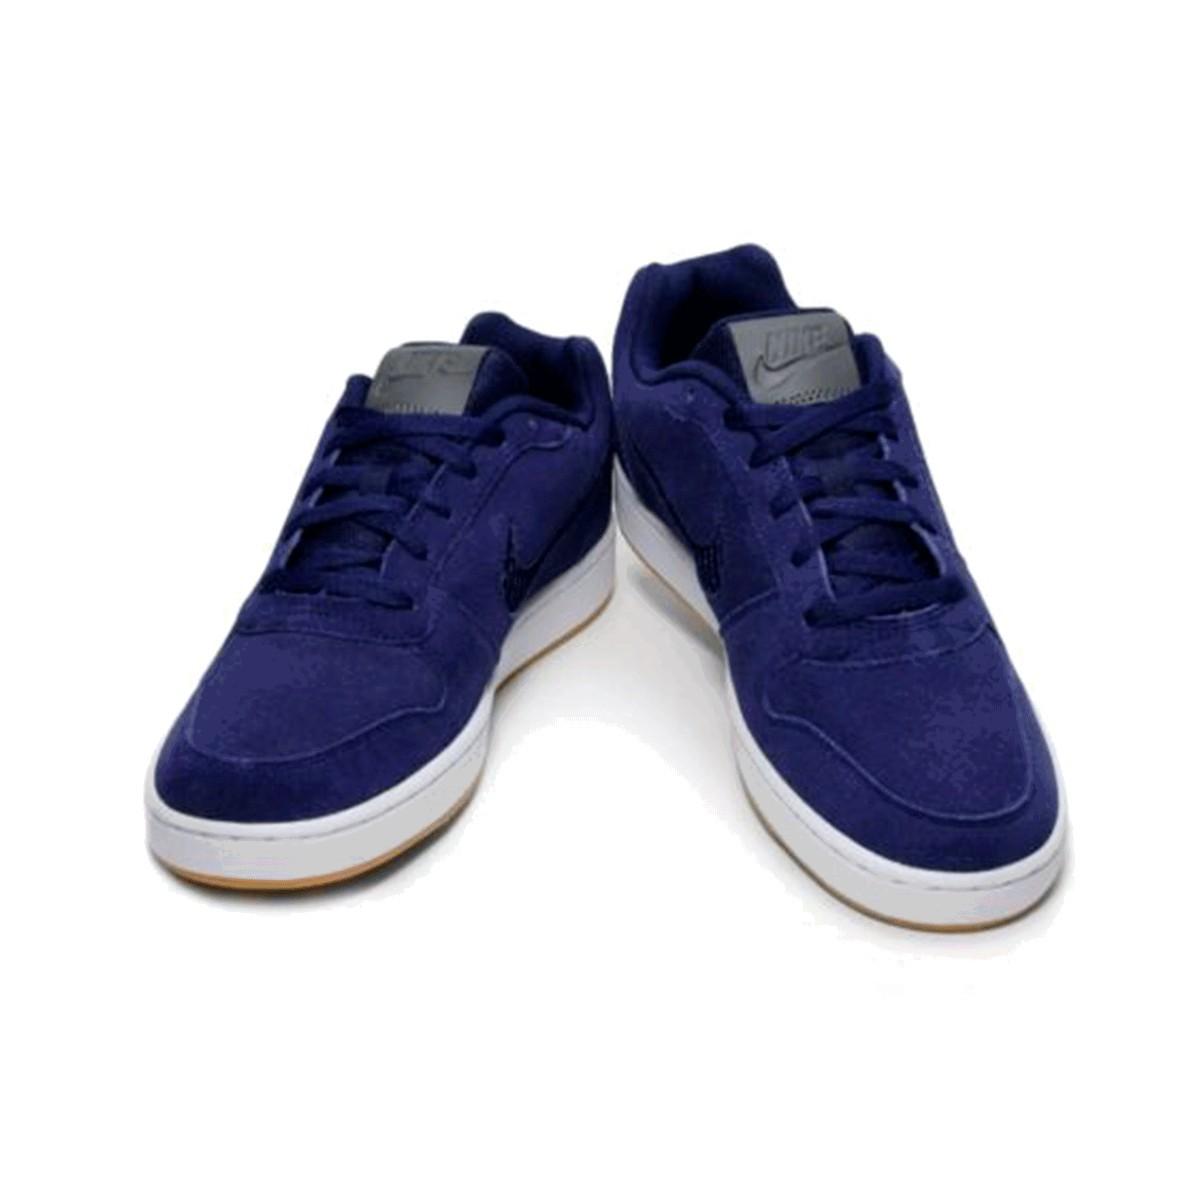 Tênis Nike Ebernon Low Premium Masculino Azul